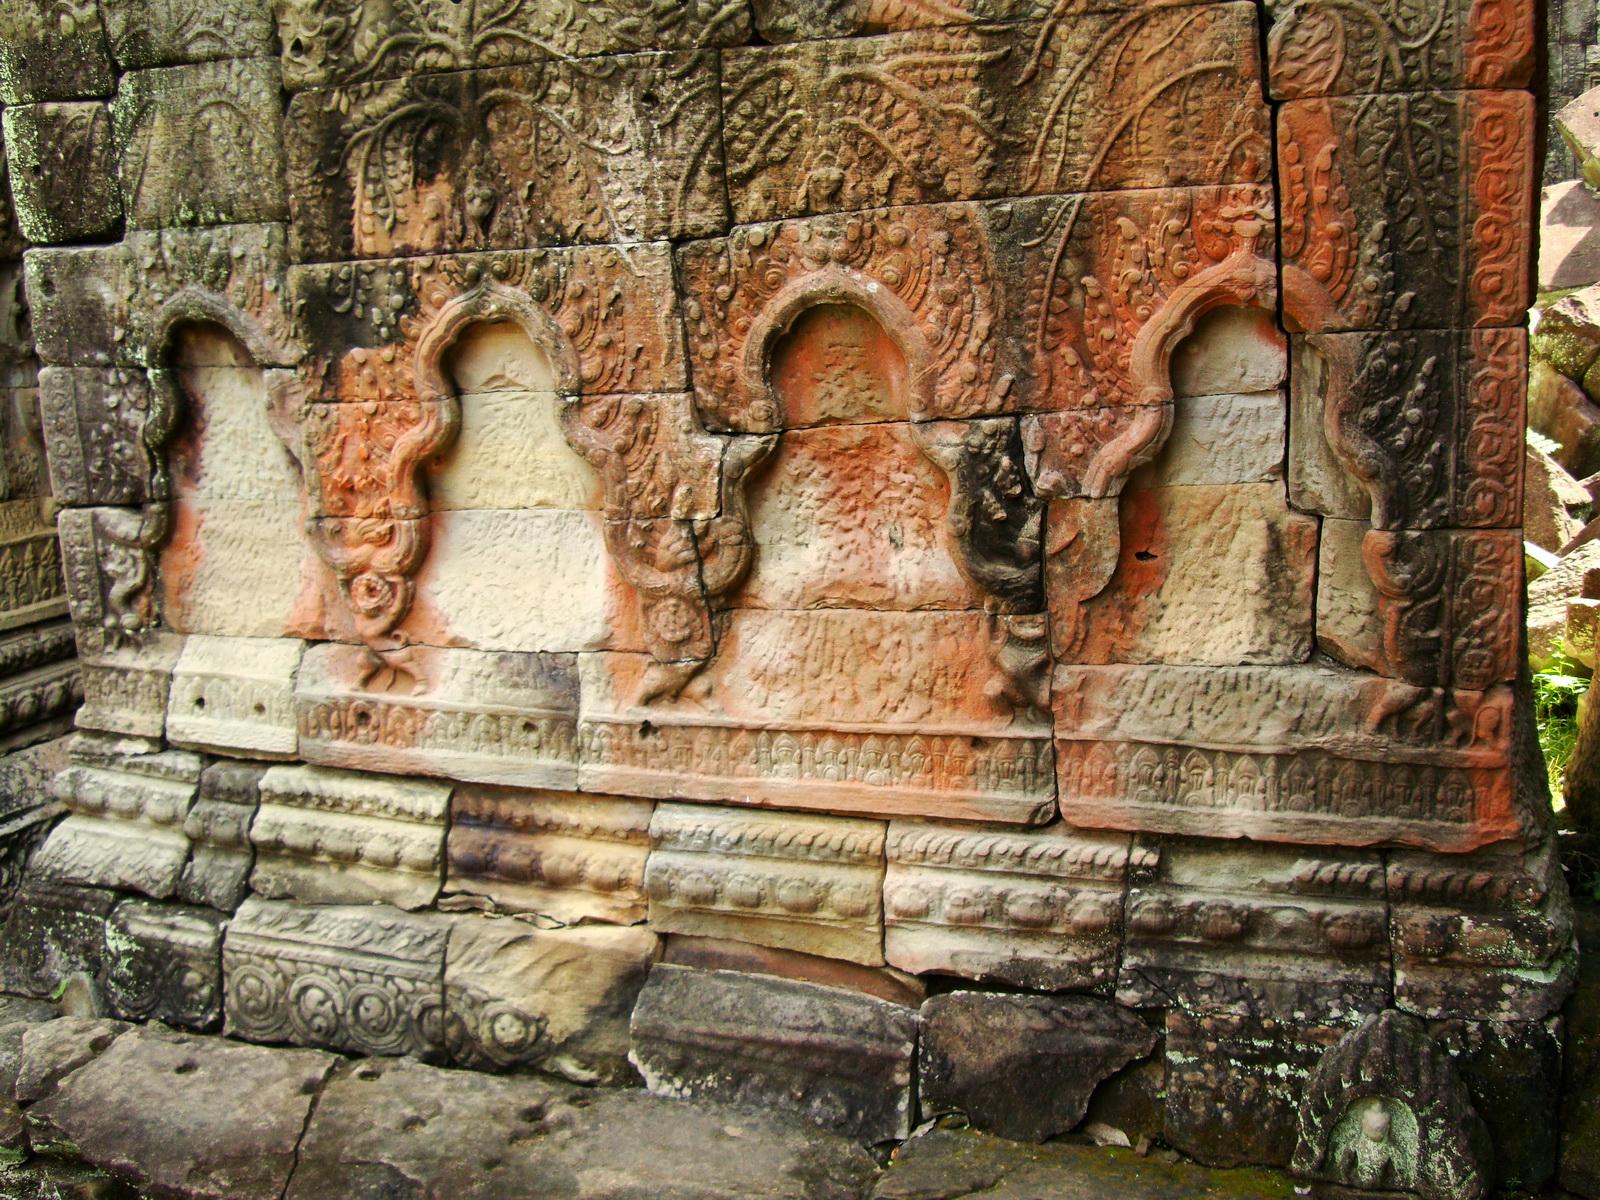 Jayavarman VIII destroyed many Buddha images during his reign 02